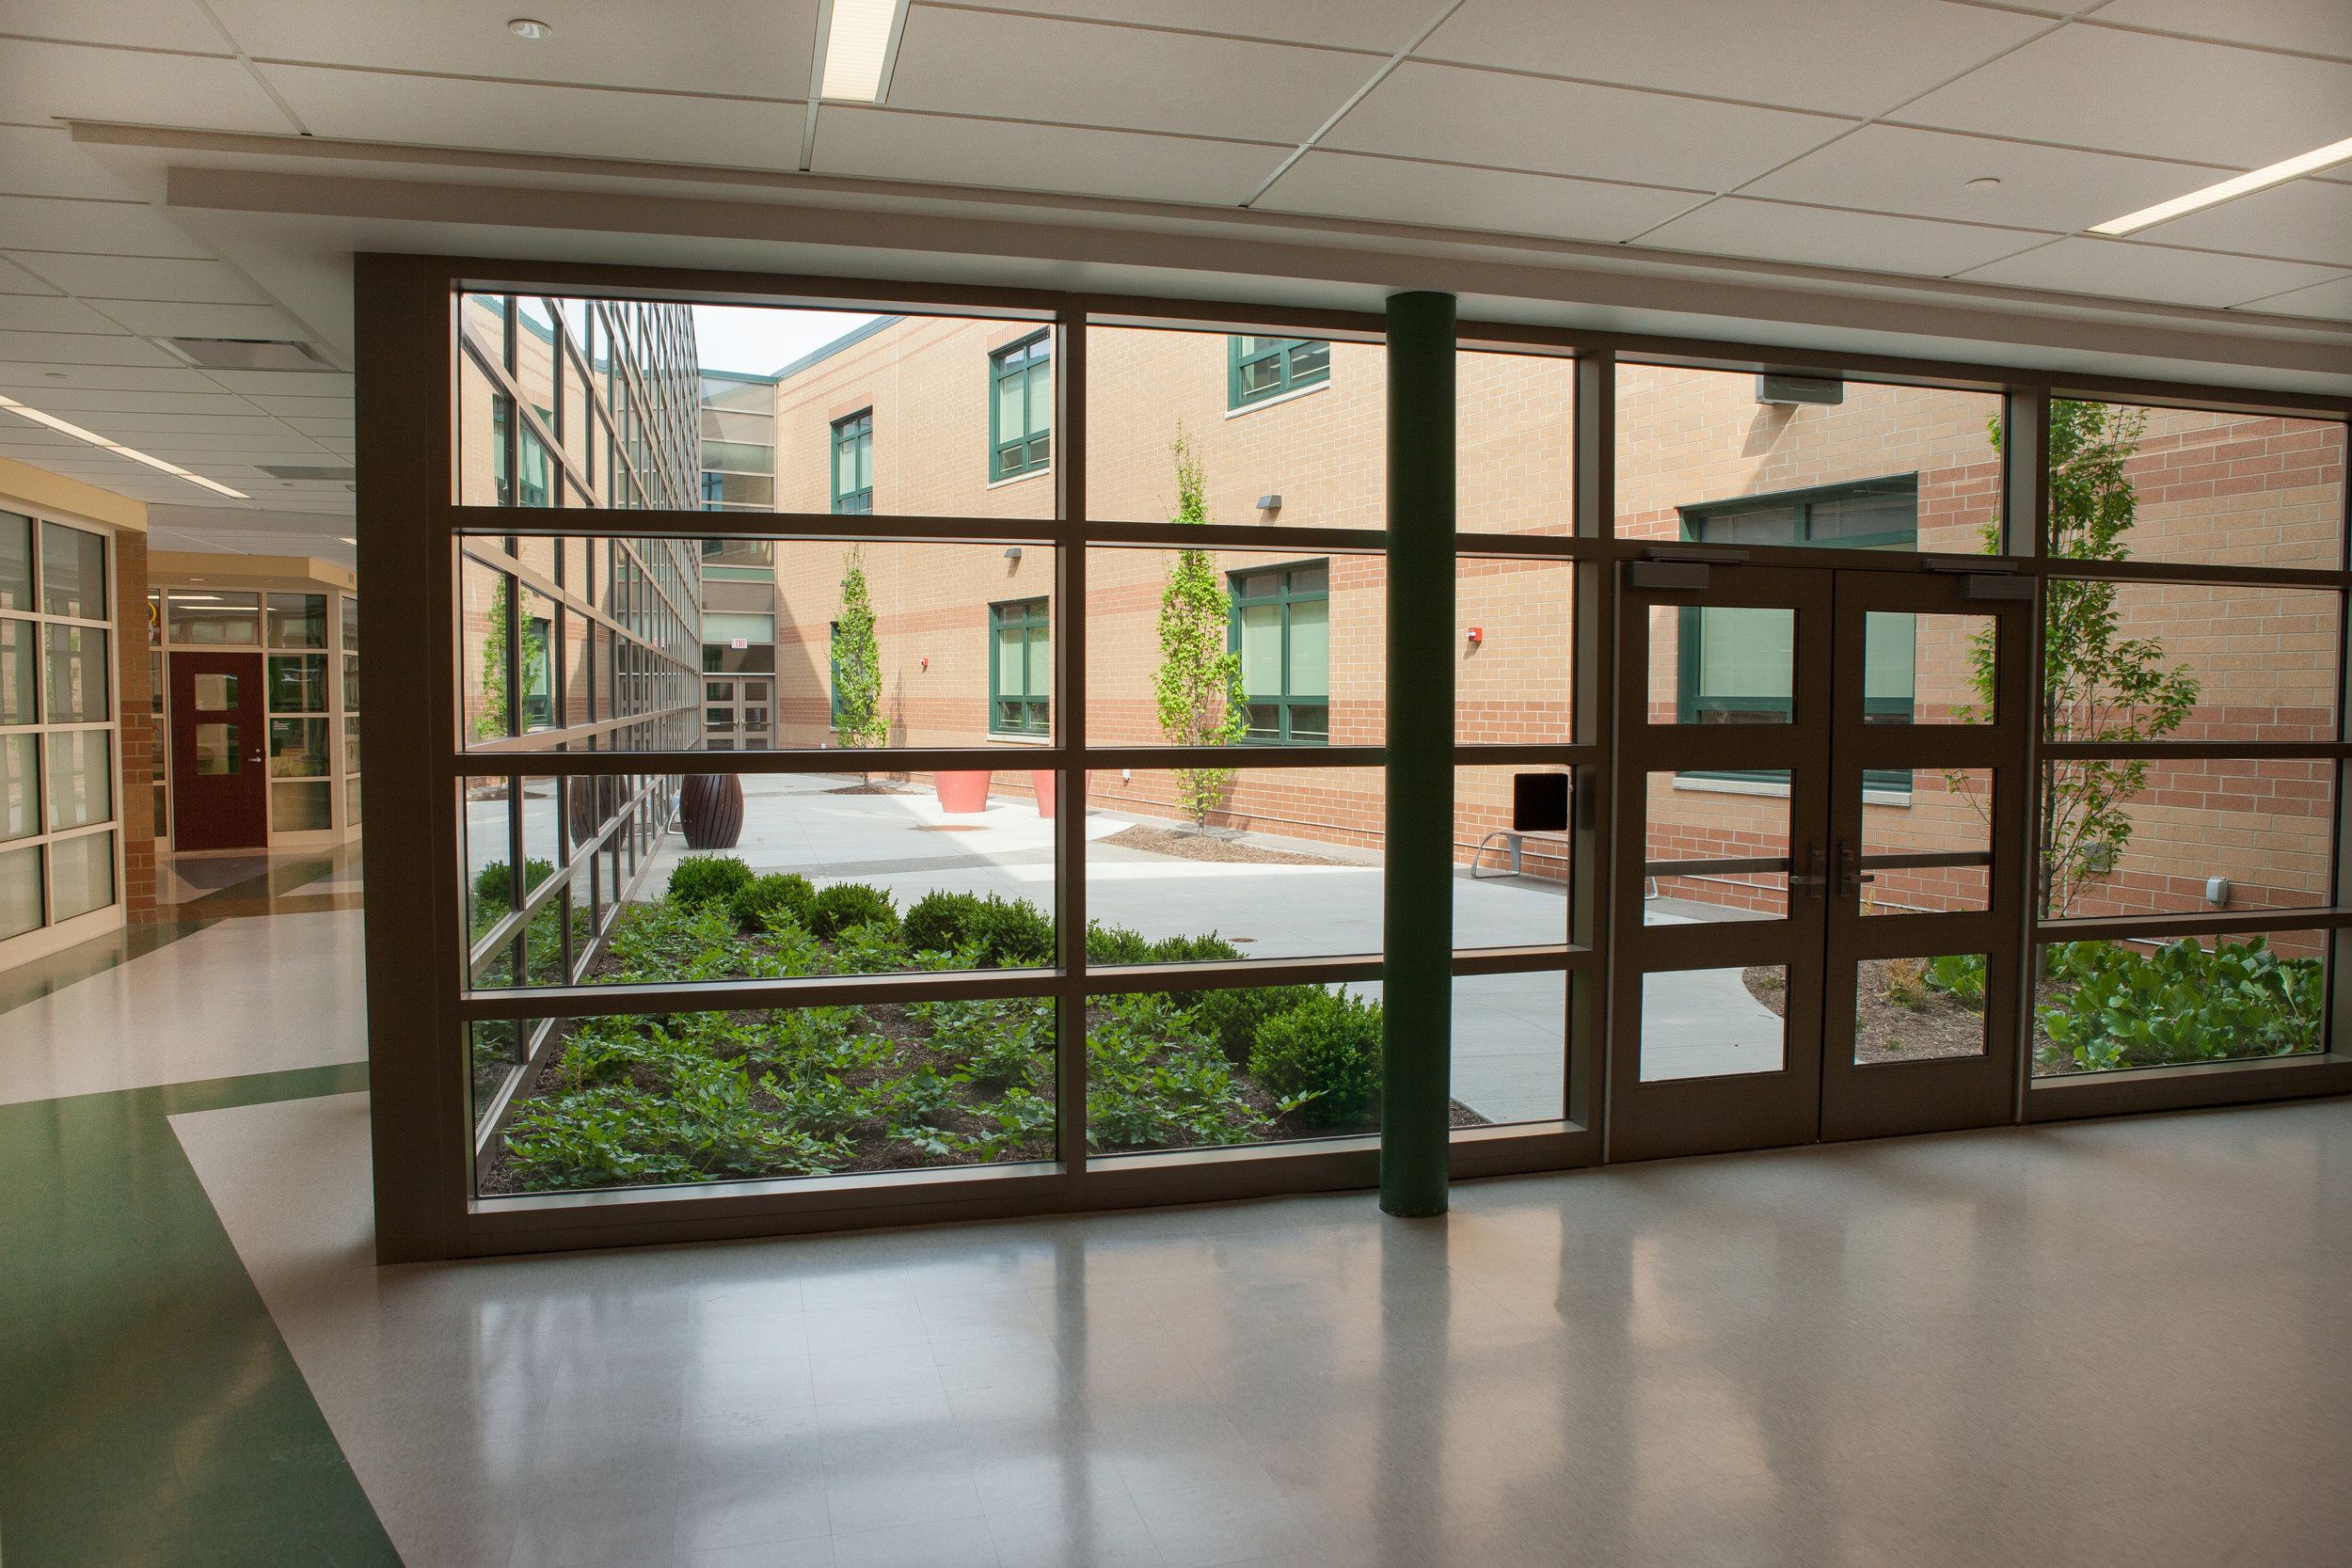 PRHS-Add-Courtyard.jpg